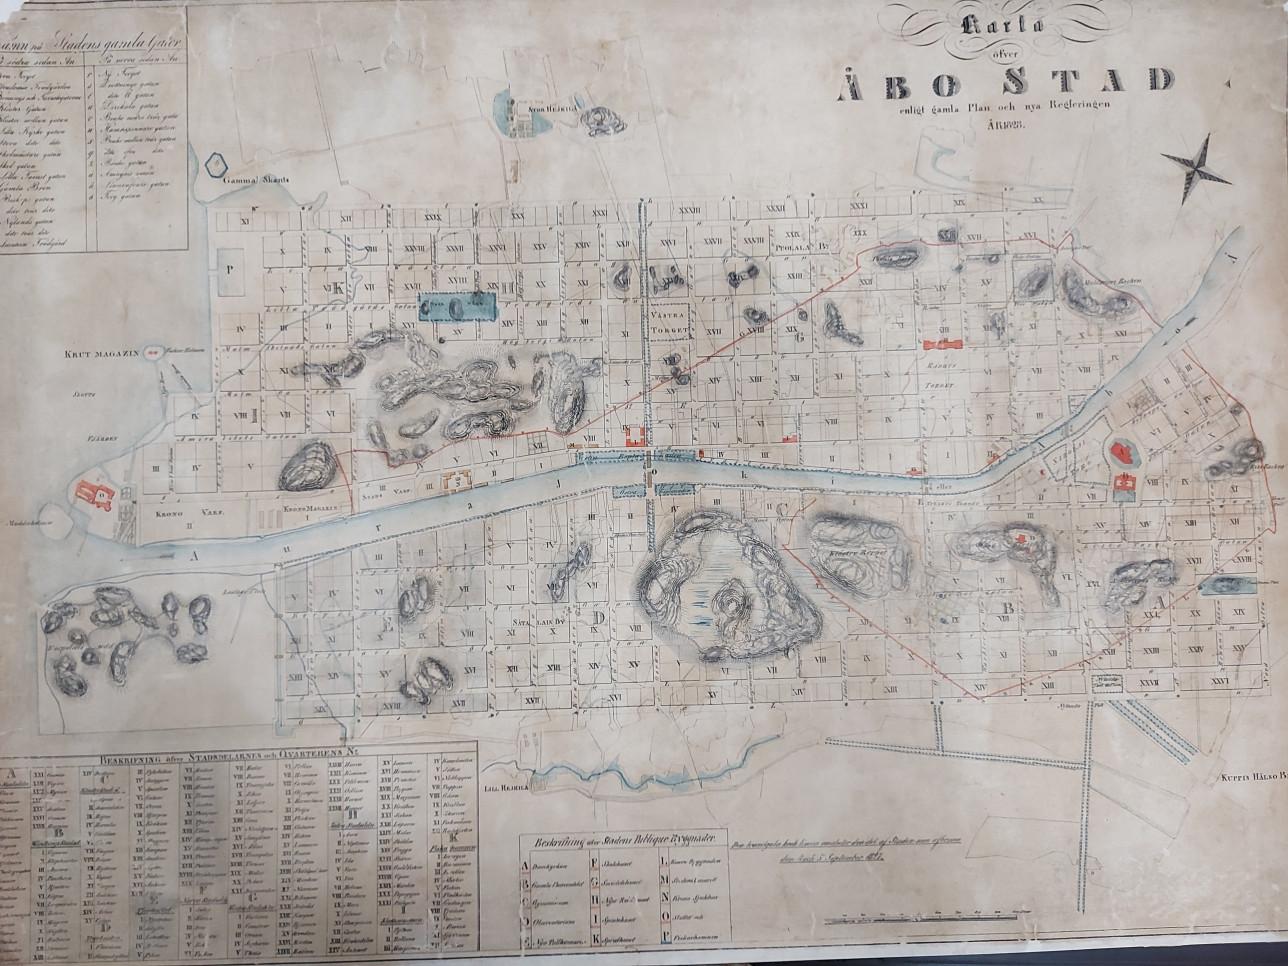 Turun kartta, jossa keskellä virtaa sinisellä Aurajoki.